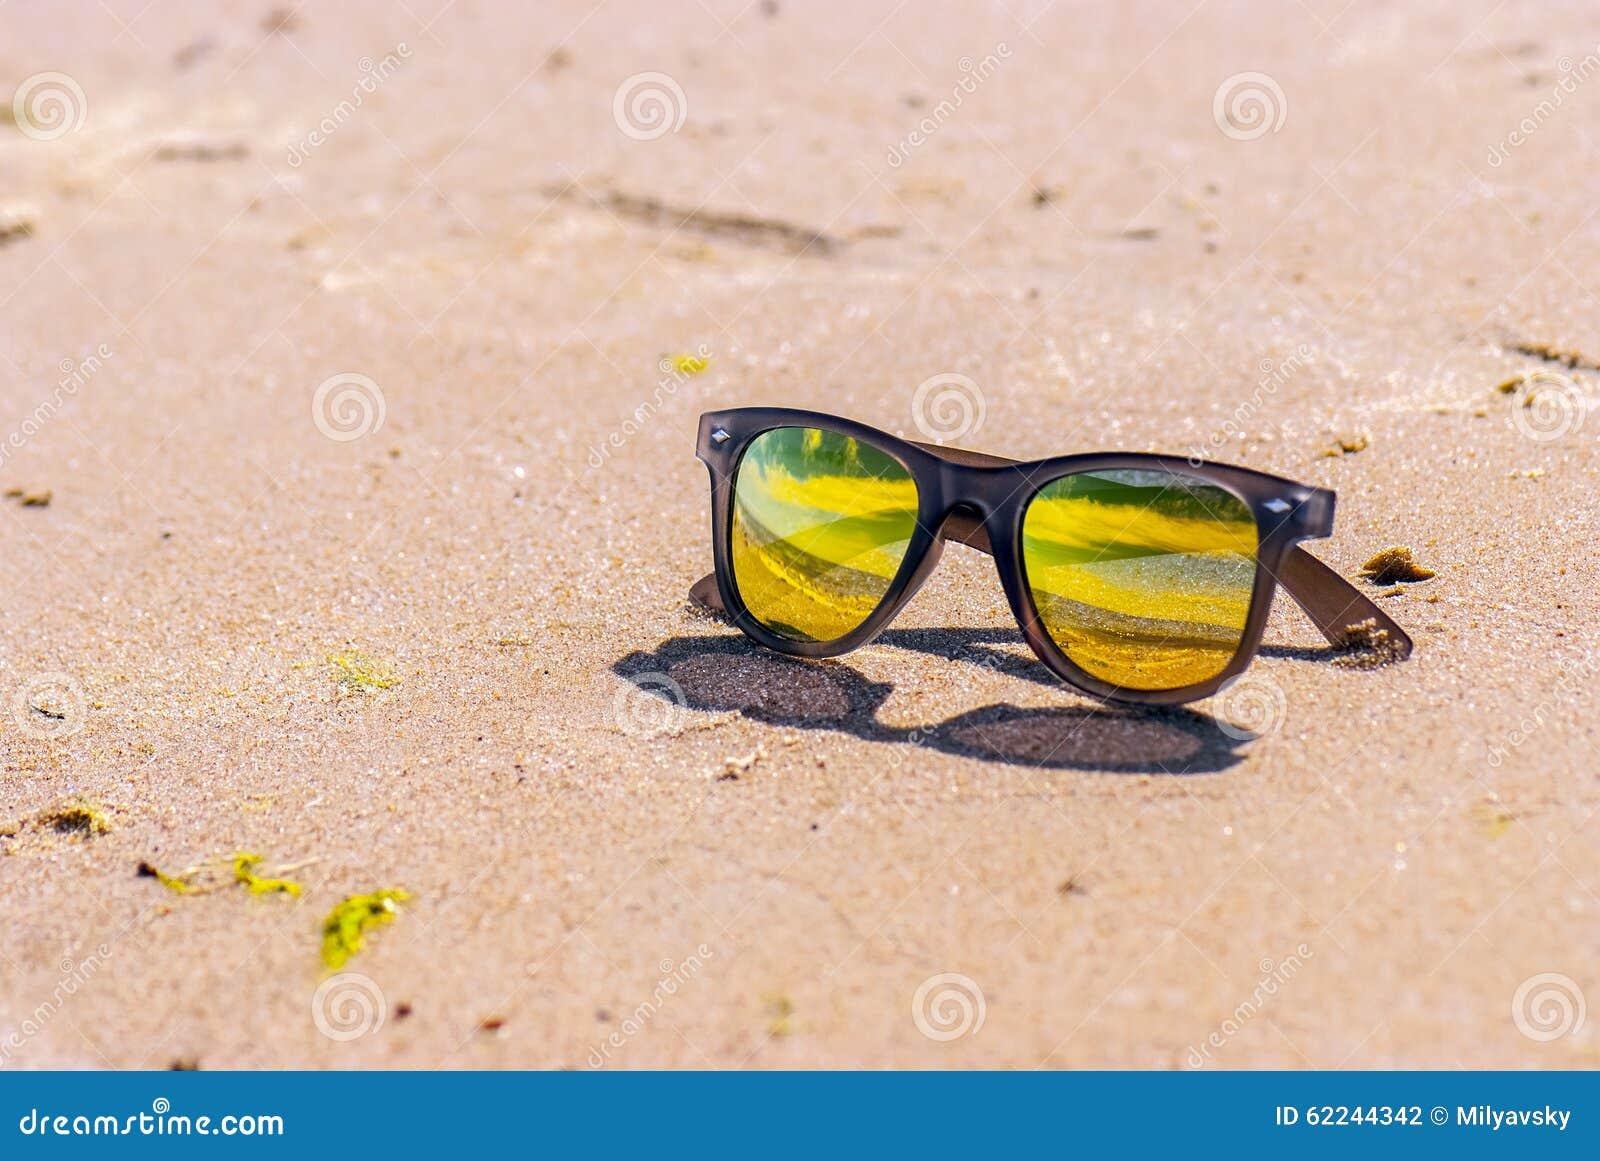 O céu é refletido nos óculos de sol, praia